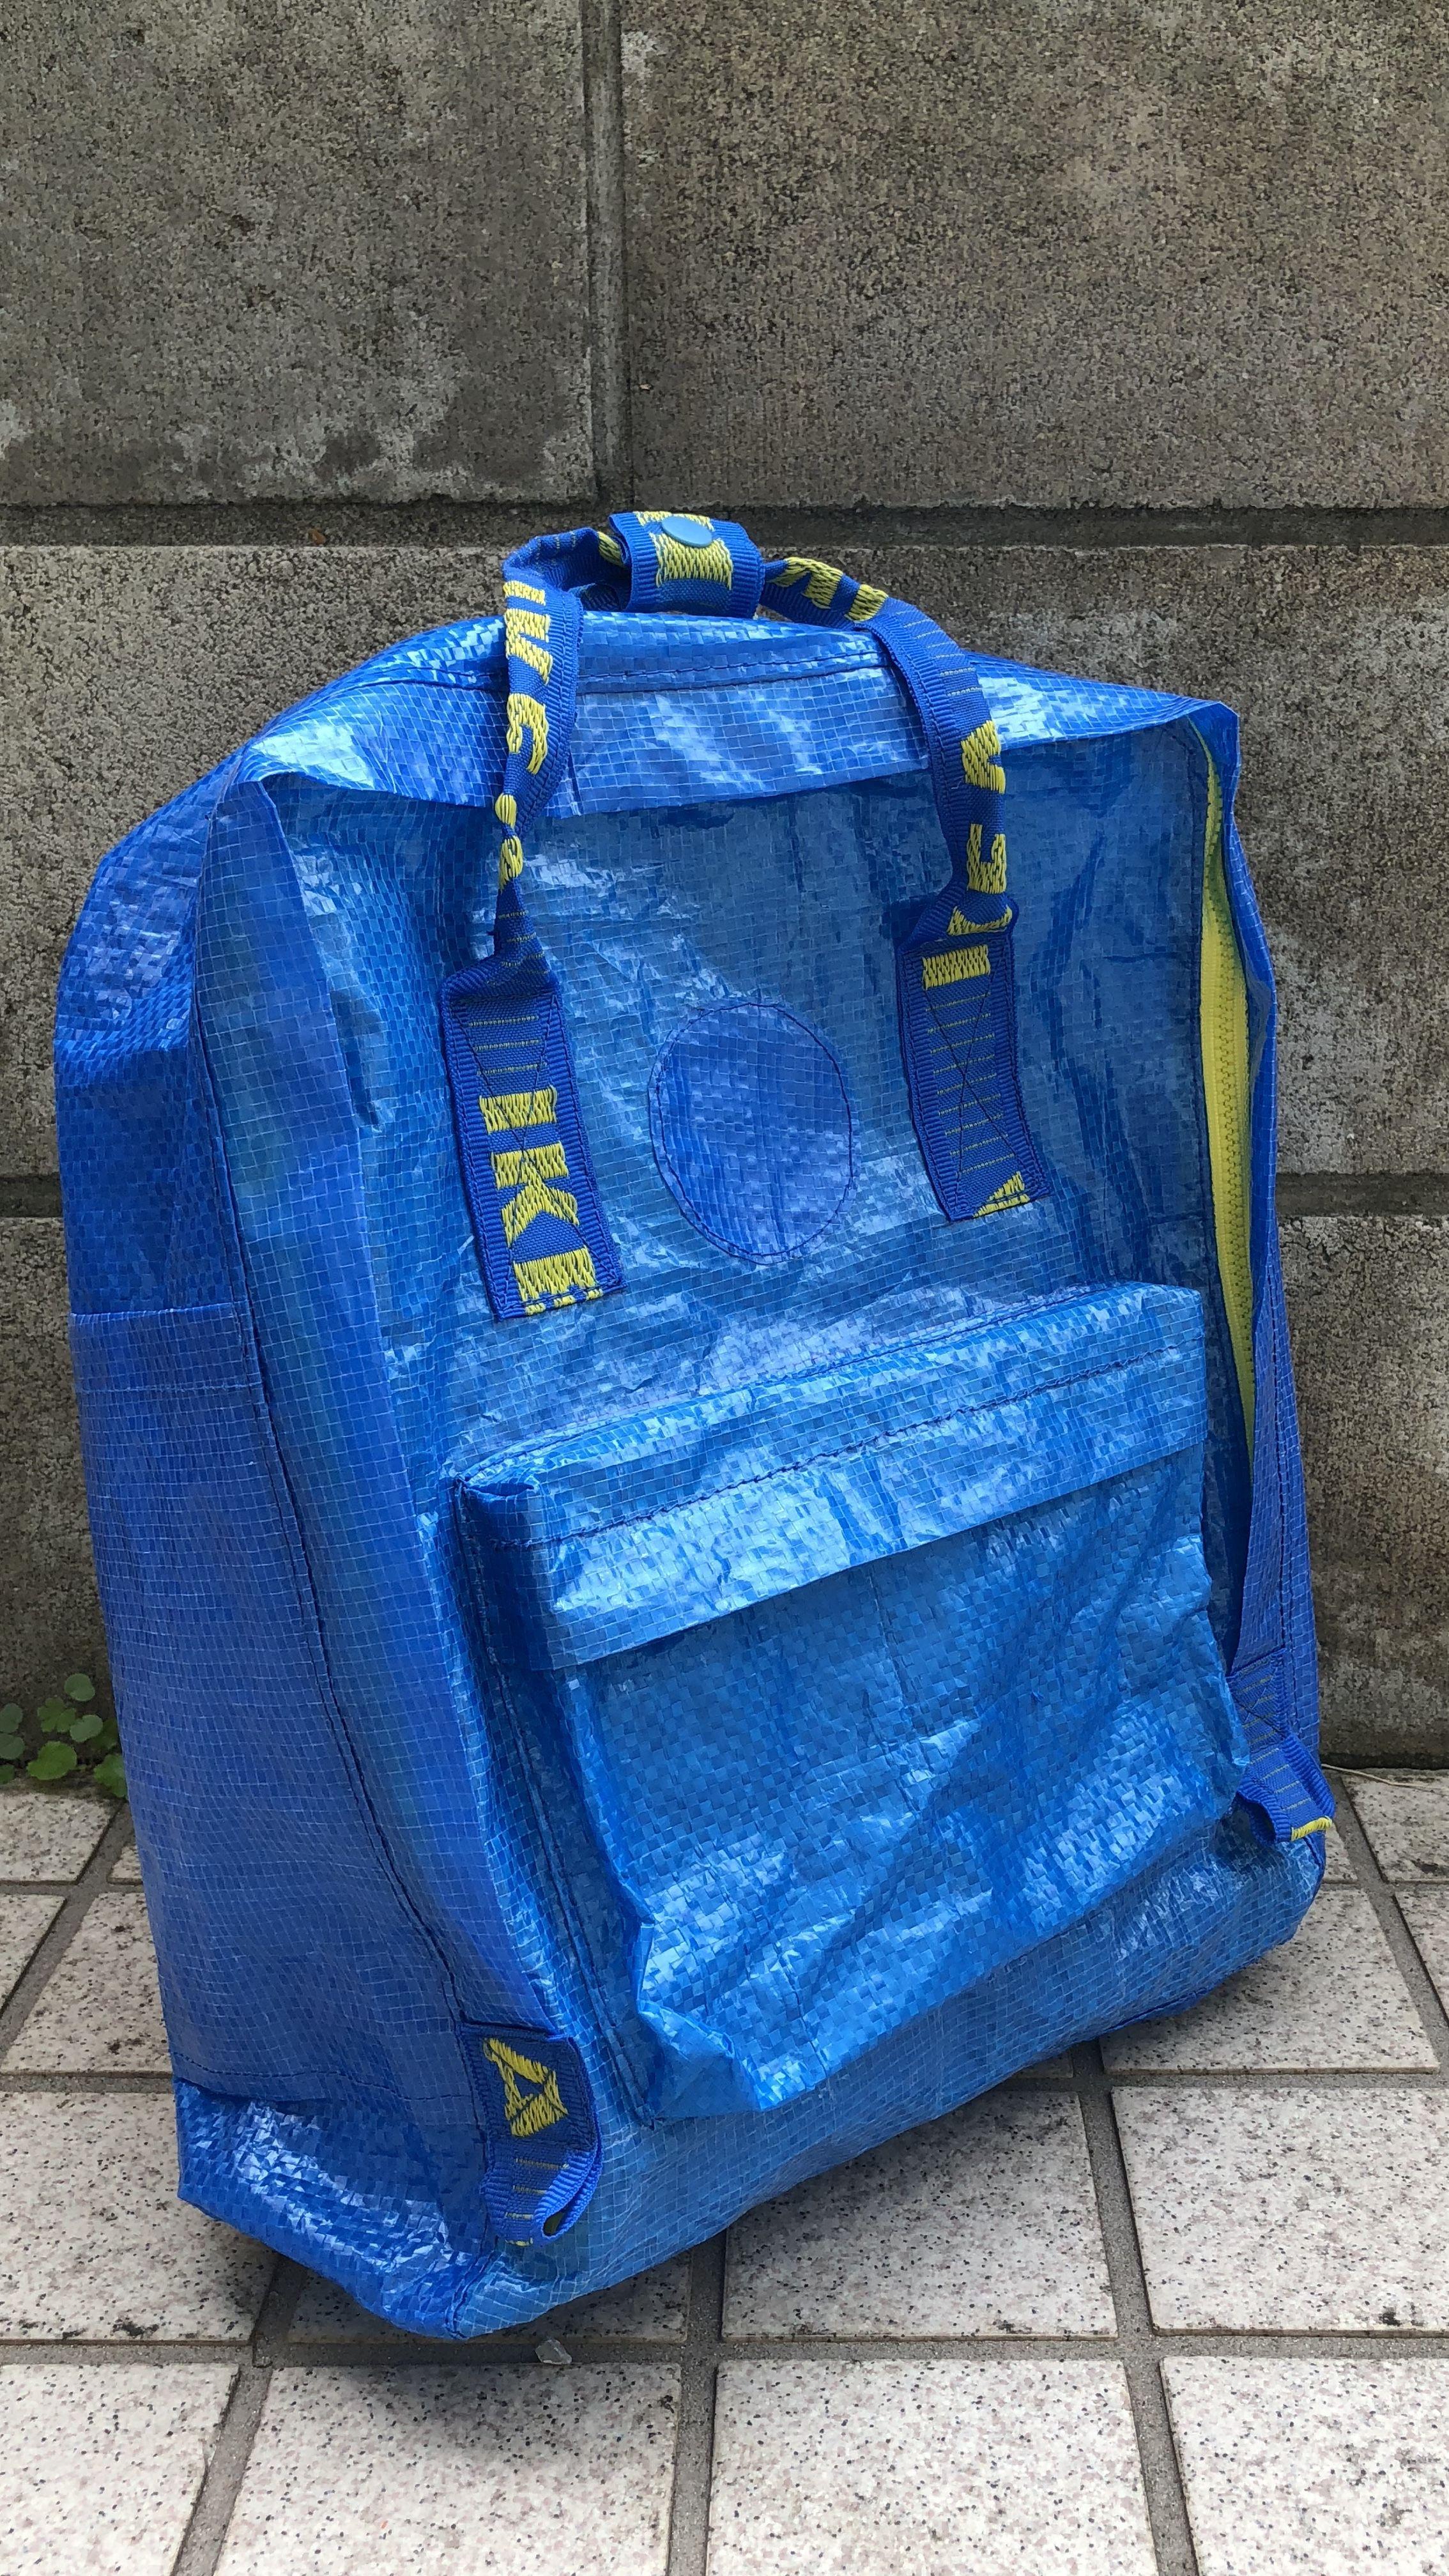 Ikea Backpack Kanken Backpack Knockoff Verypurpleperson Kanken Backpack Backpack Decoration Backpack Fjallraven